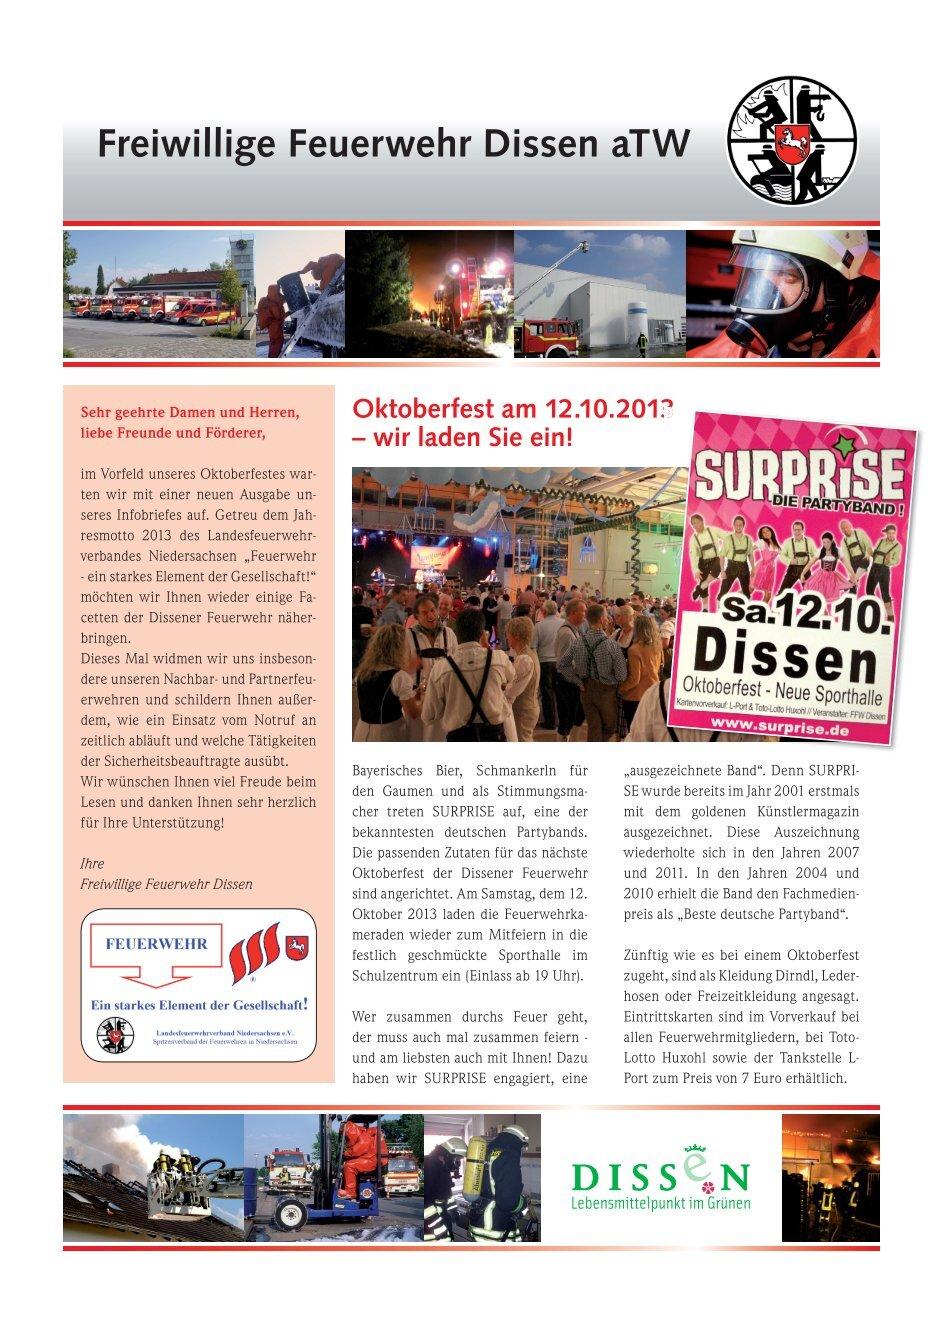 20 free Magazines from FEUERWEHR.DISSEN.DE